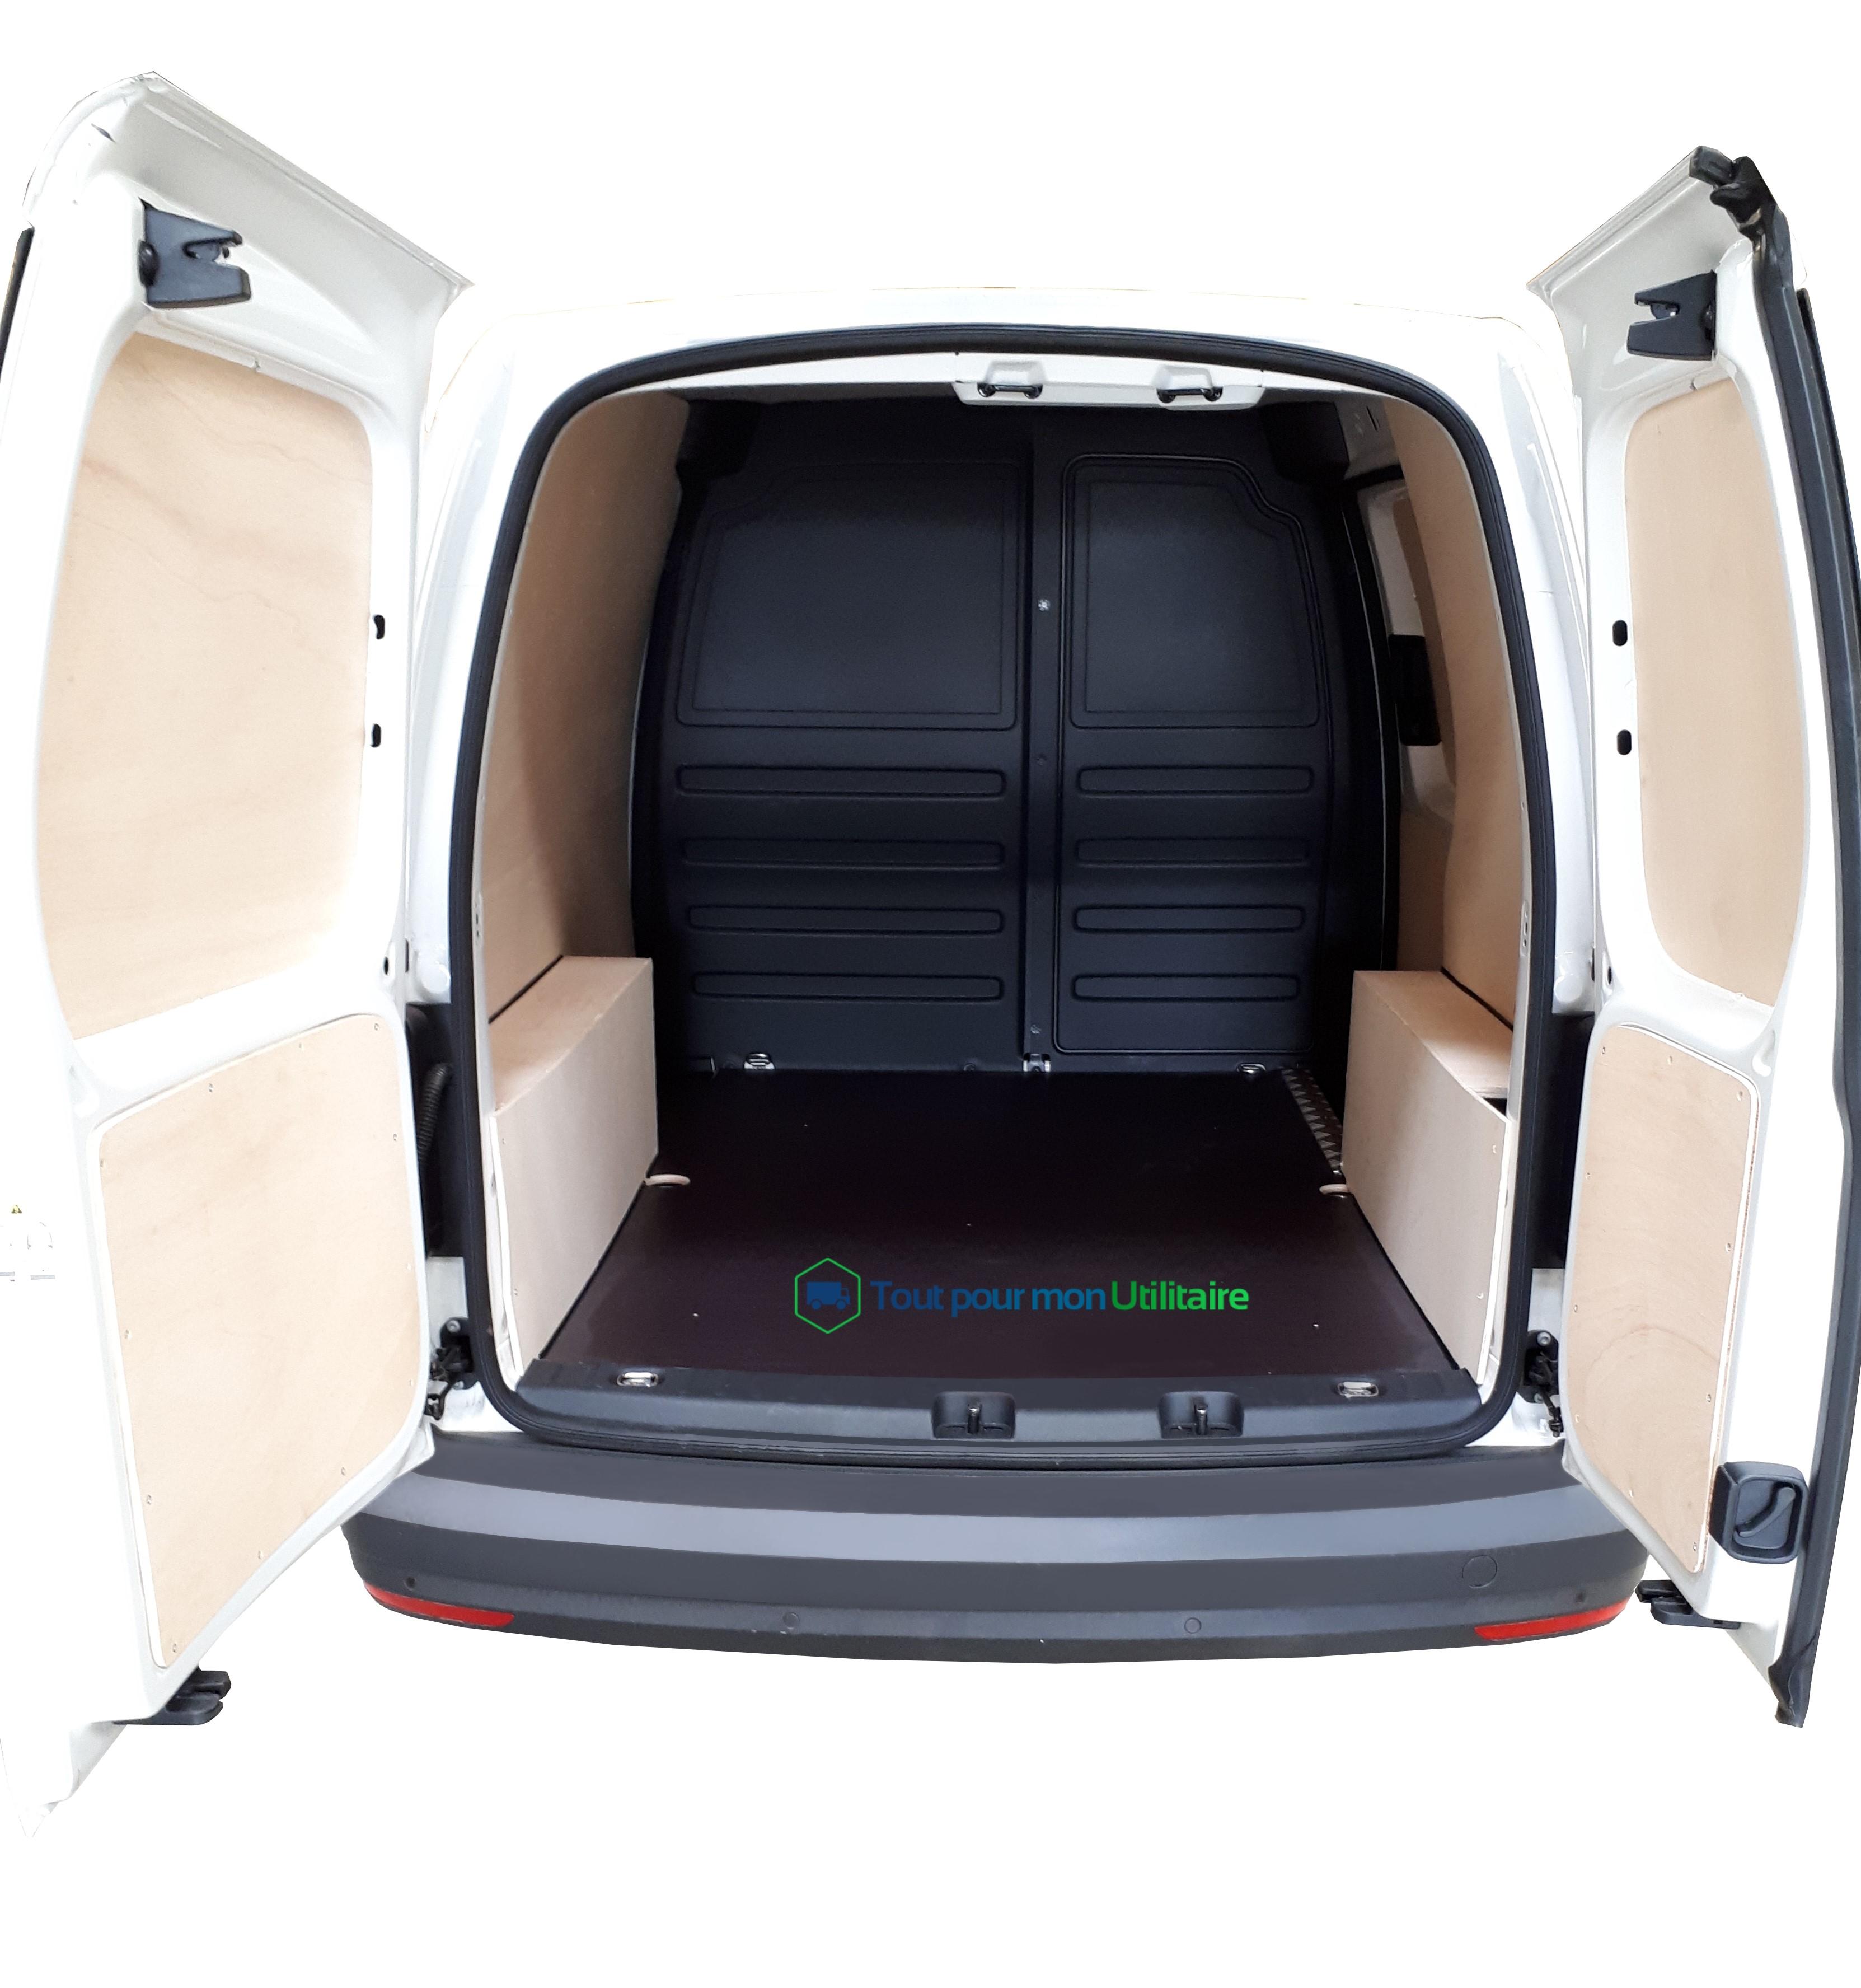 Kit D 39 Habillage Int Rieur Bois Volkswagen Caddy Maxi Van 2 Plc Tout Pour Mon Utilitaire